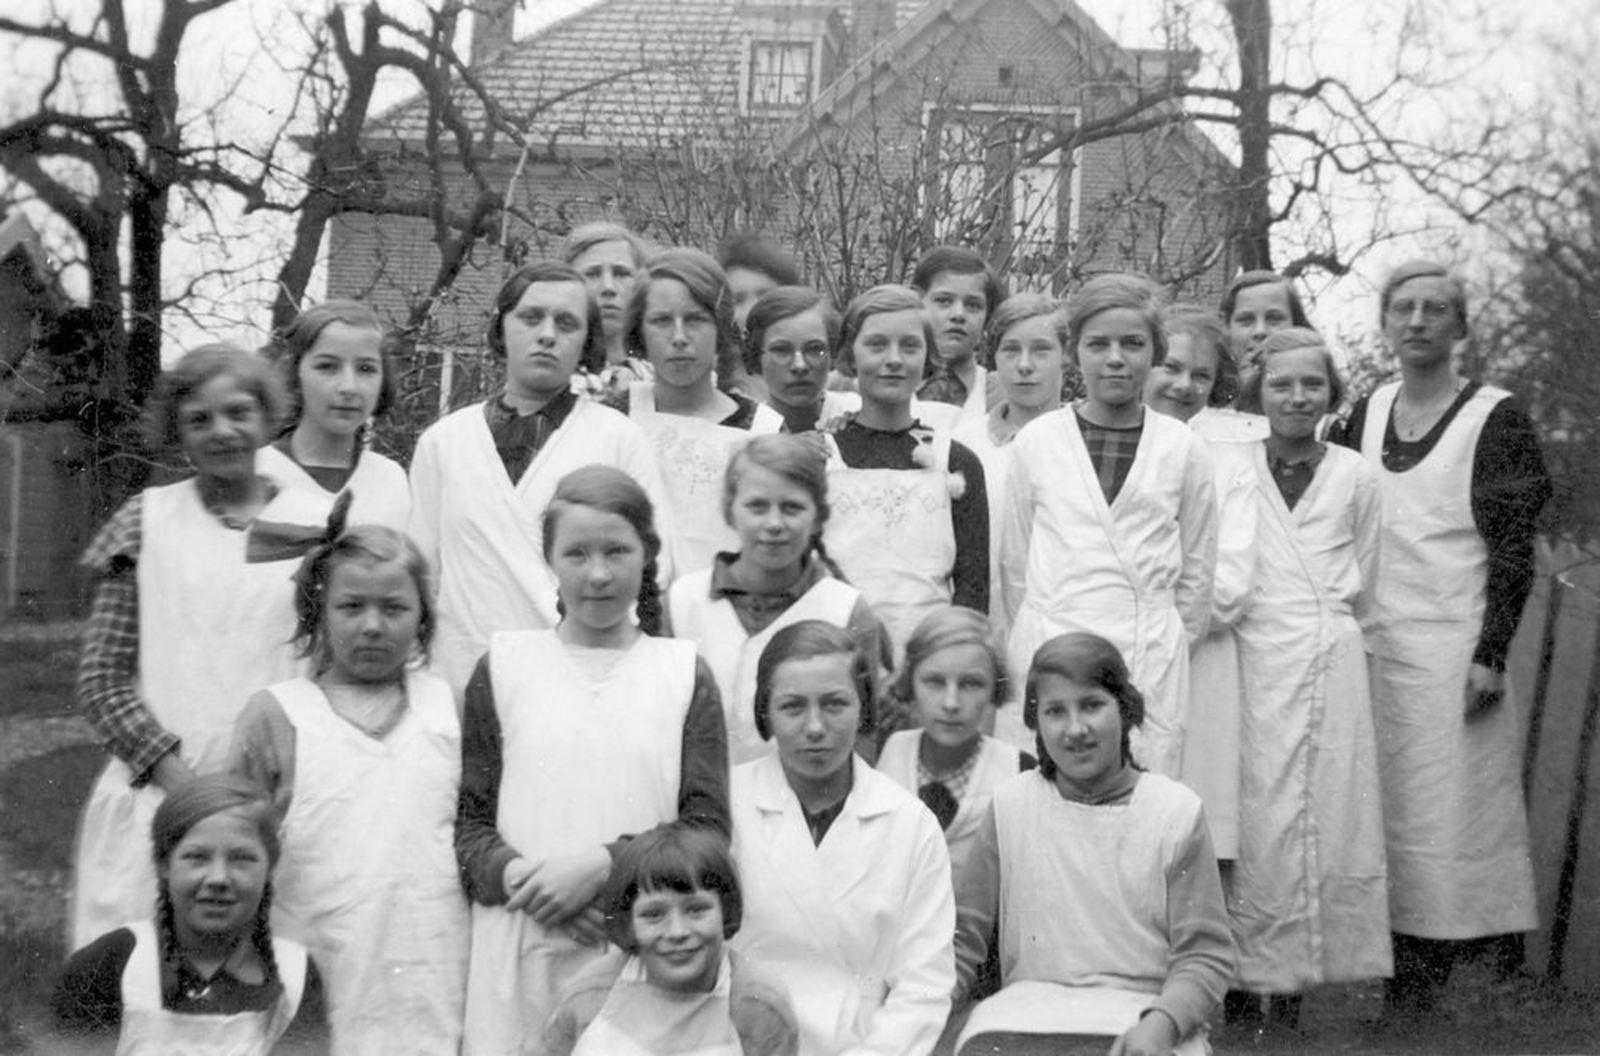 <b>ZOEKPLAATJE:</b>Onbekend Nieuw Vennep 19__ Klassefoto met Hendrika Elshout 02